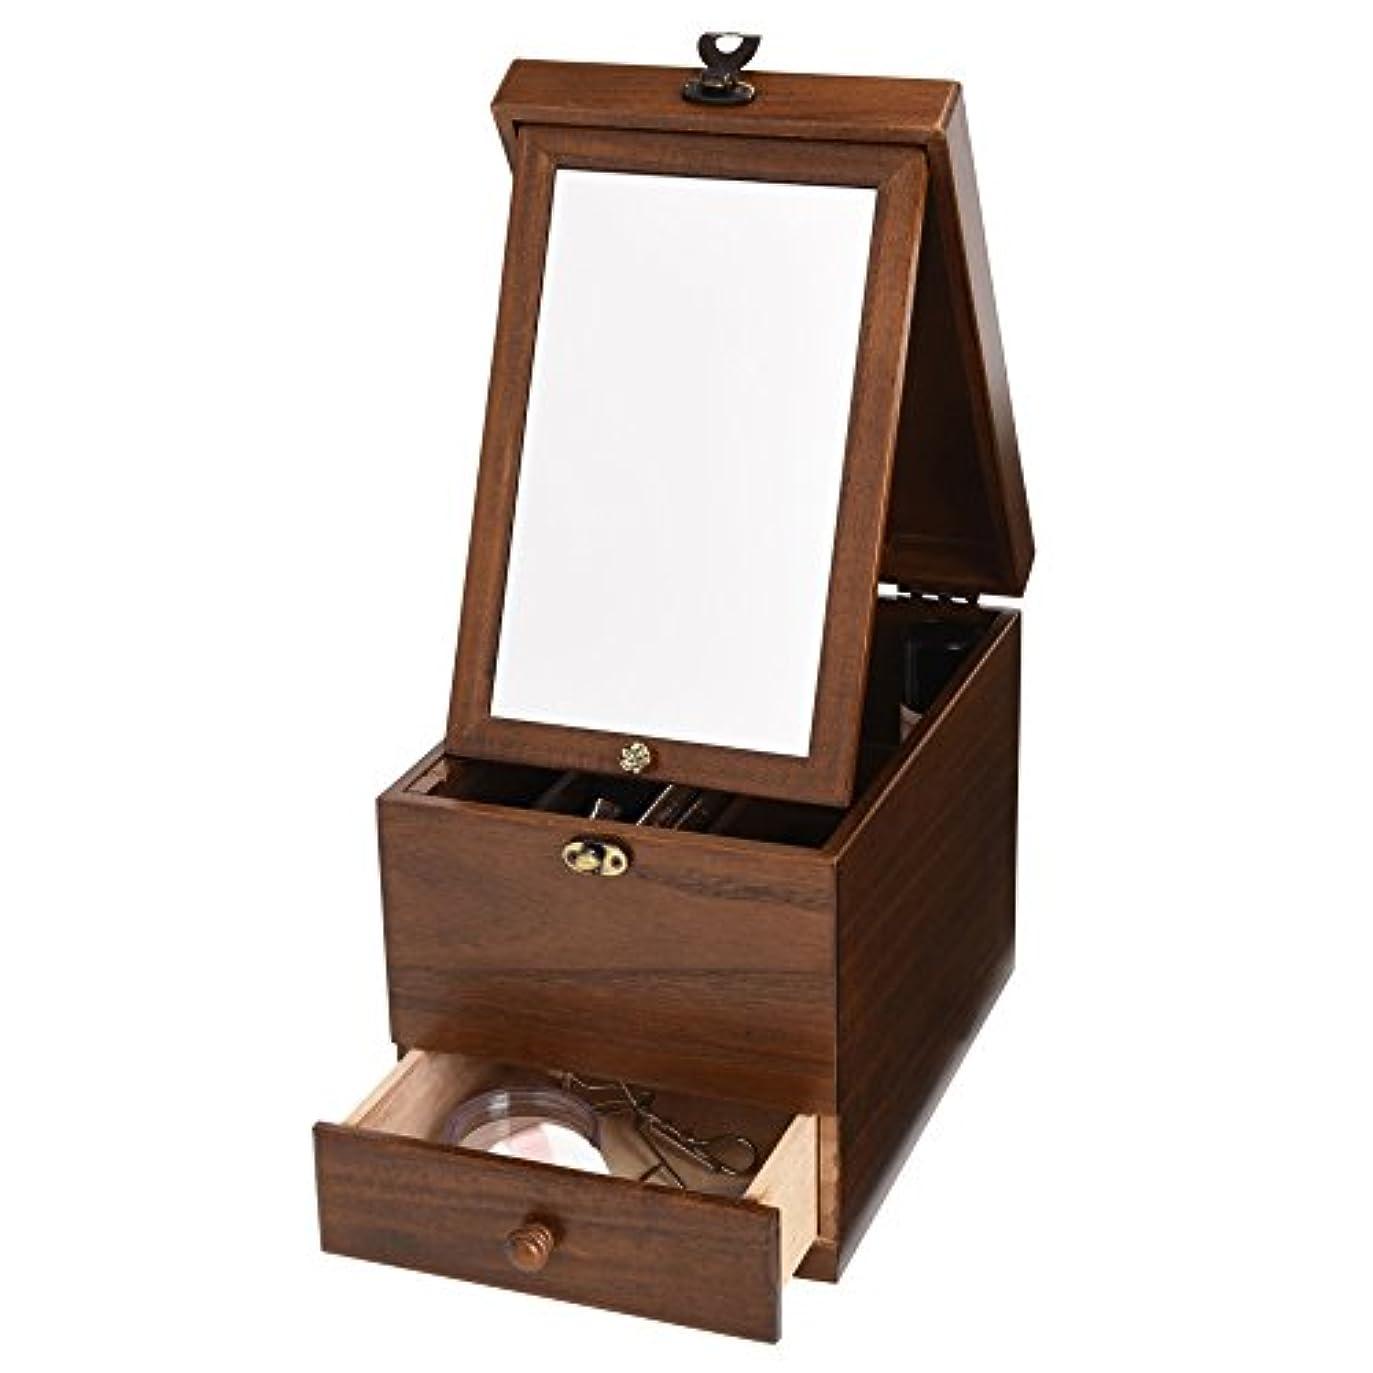 十分ではない全能段階木製コスメボックス 引き出し 鏡付き 収納 メイクボックス 化粧ボックス 日本製